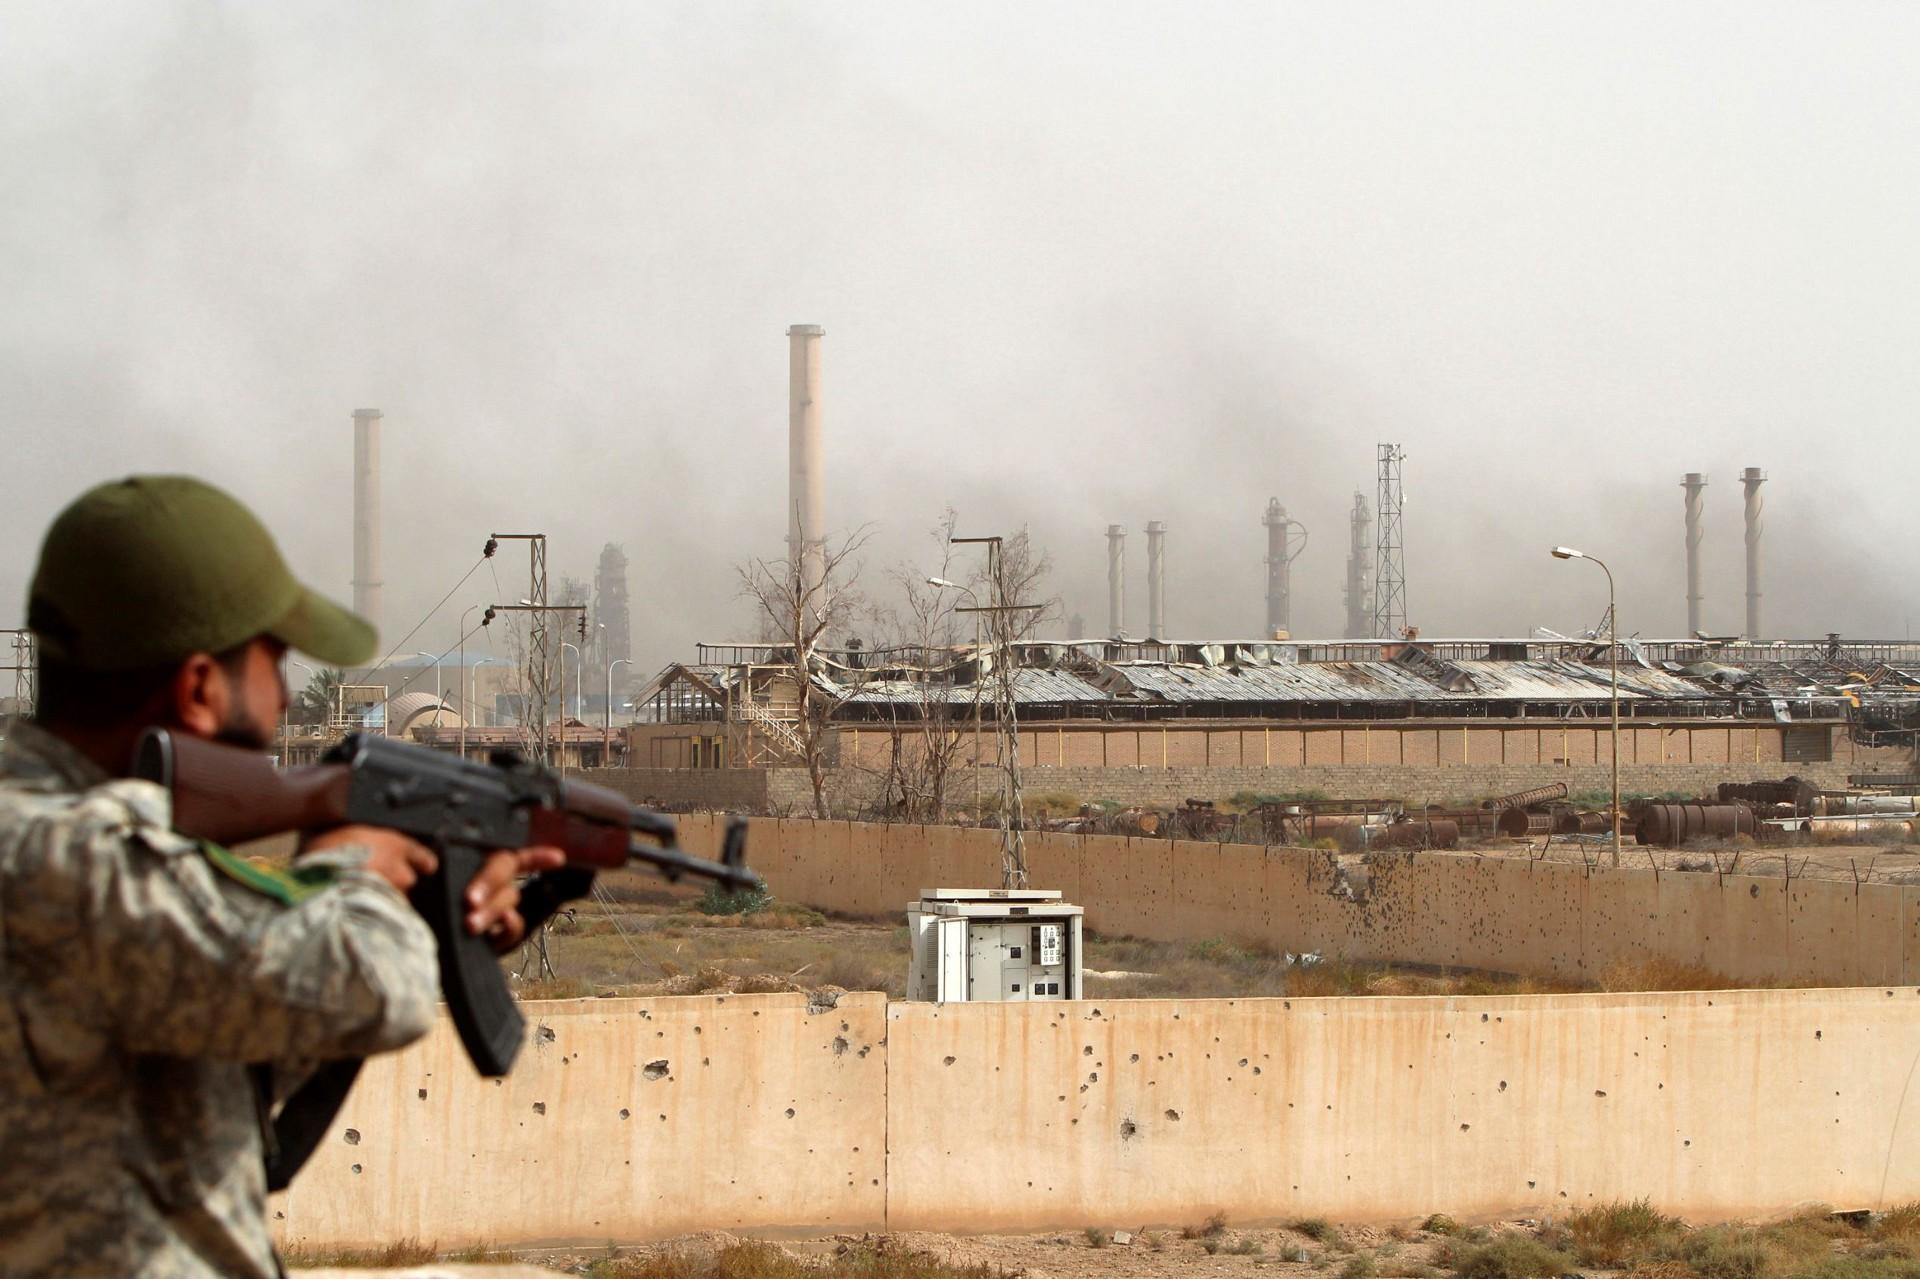 توافق شرکت نفتی آمریکا با کردهای سوریه